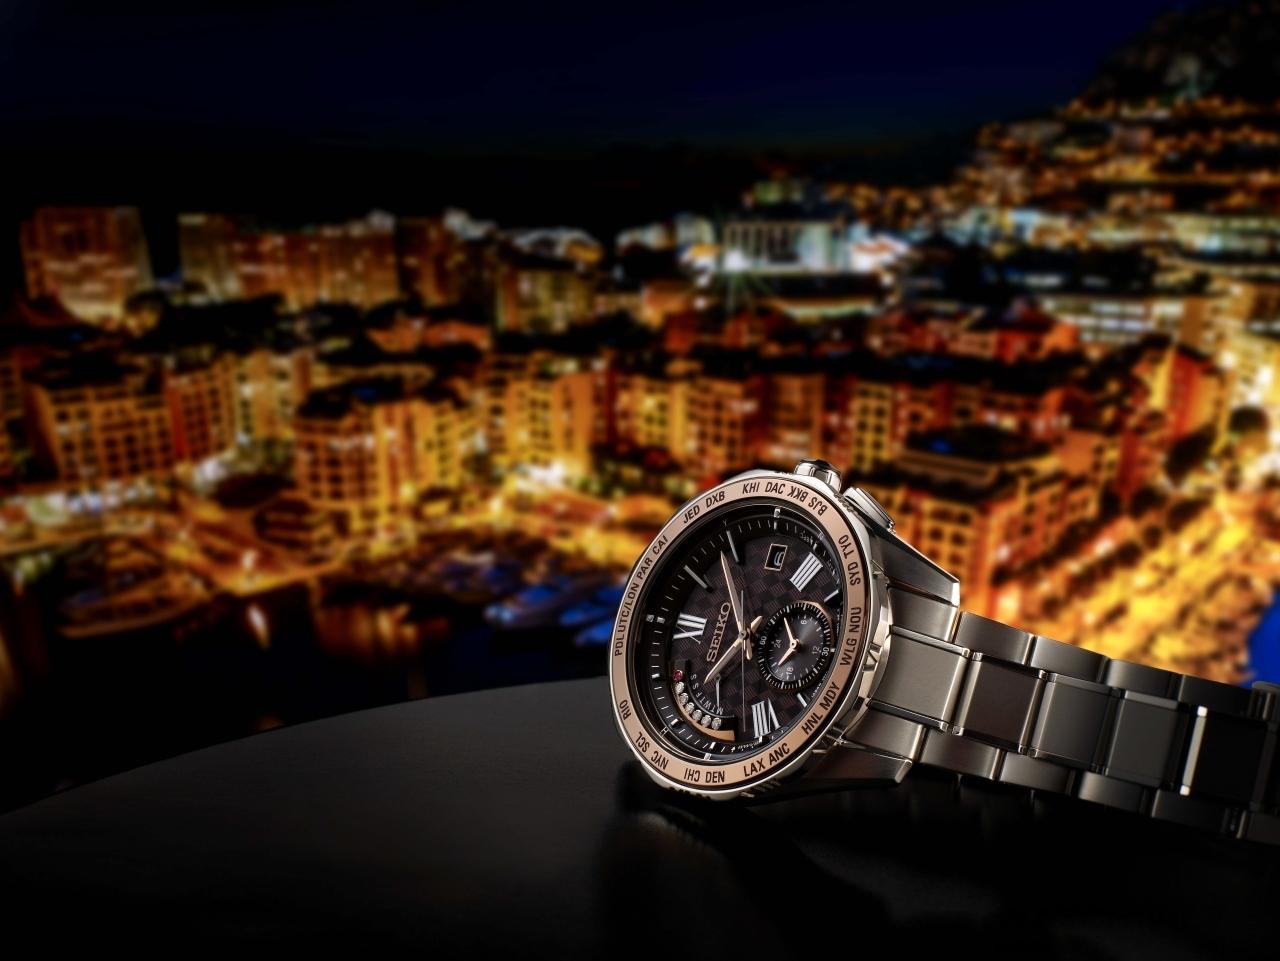 石英錶45周年:SEIKO獻上近半世紀精準榮耀,推出Brightz、Spirit Smart和Vivace紀念限量錶款